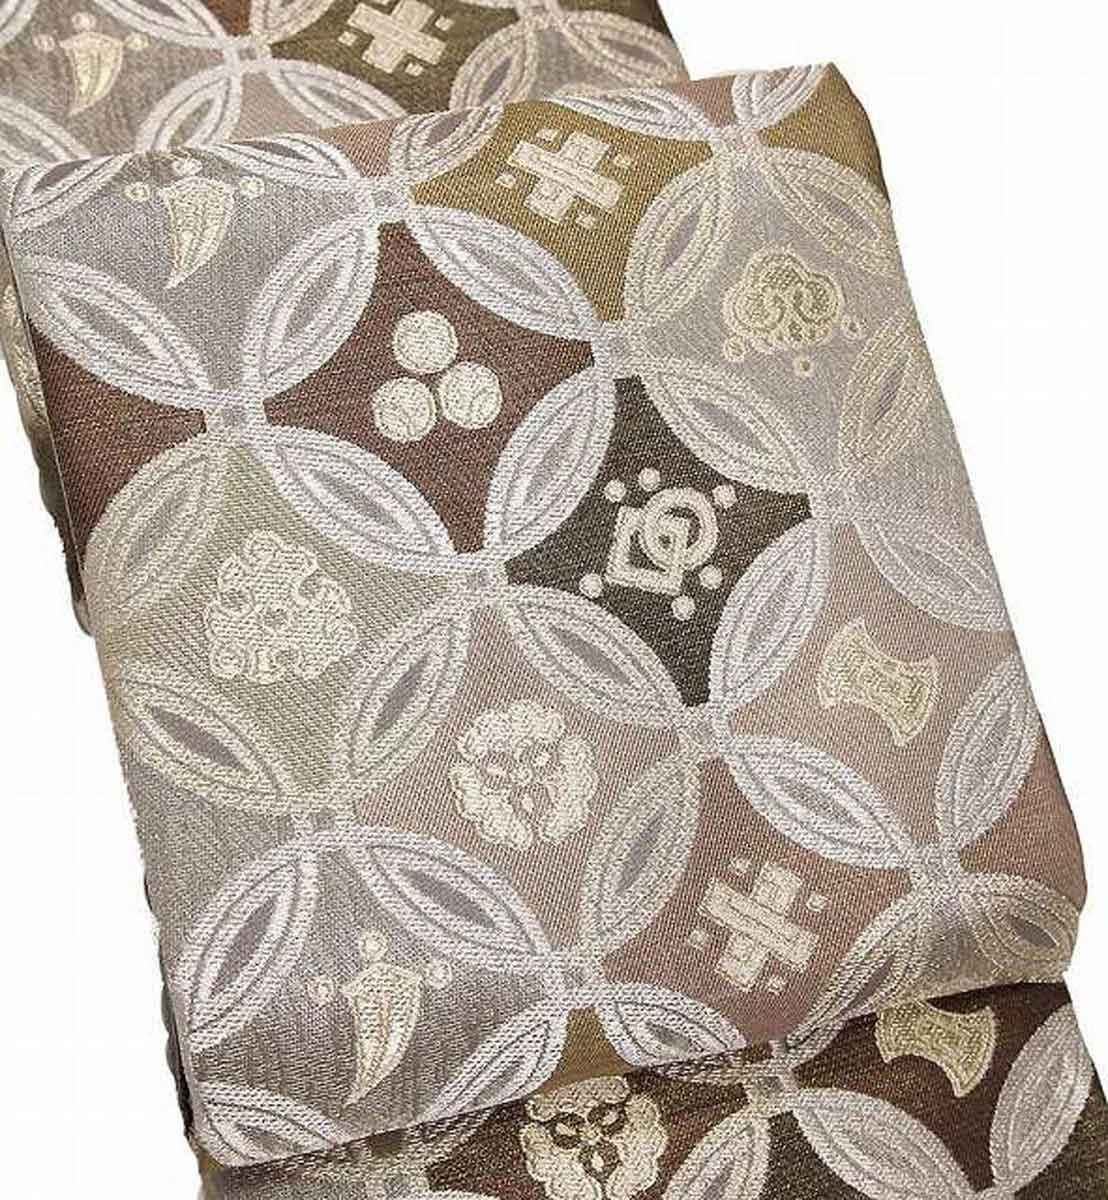 西陣織 全通 袋帯 華陽 シルバー 2020モデル 正絹 [ギフト/プレゼント/ご褒美] 日本製